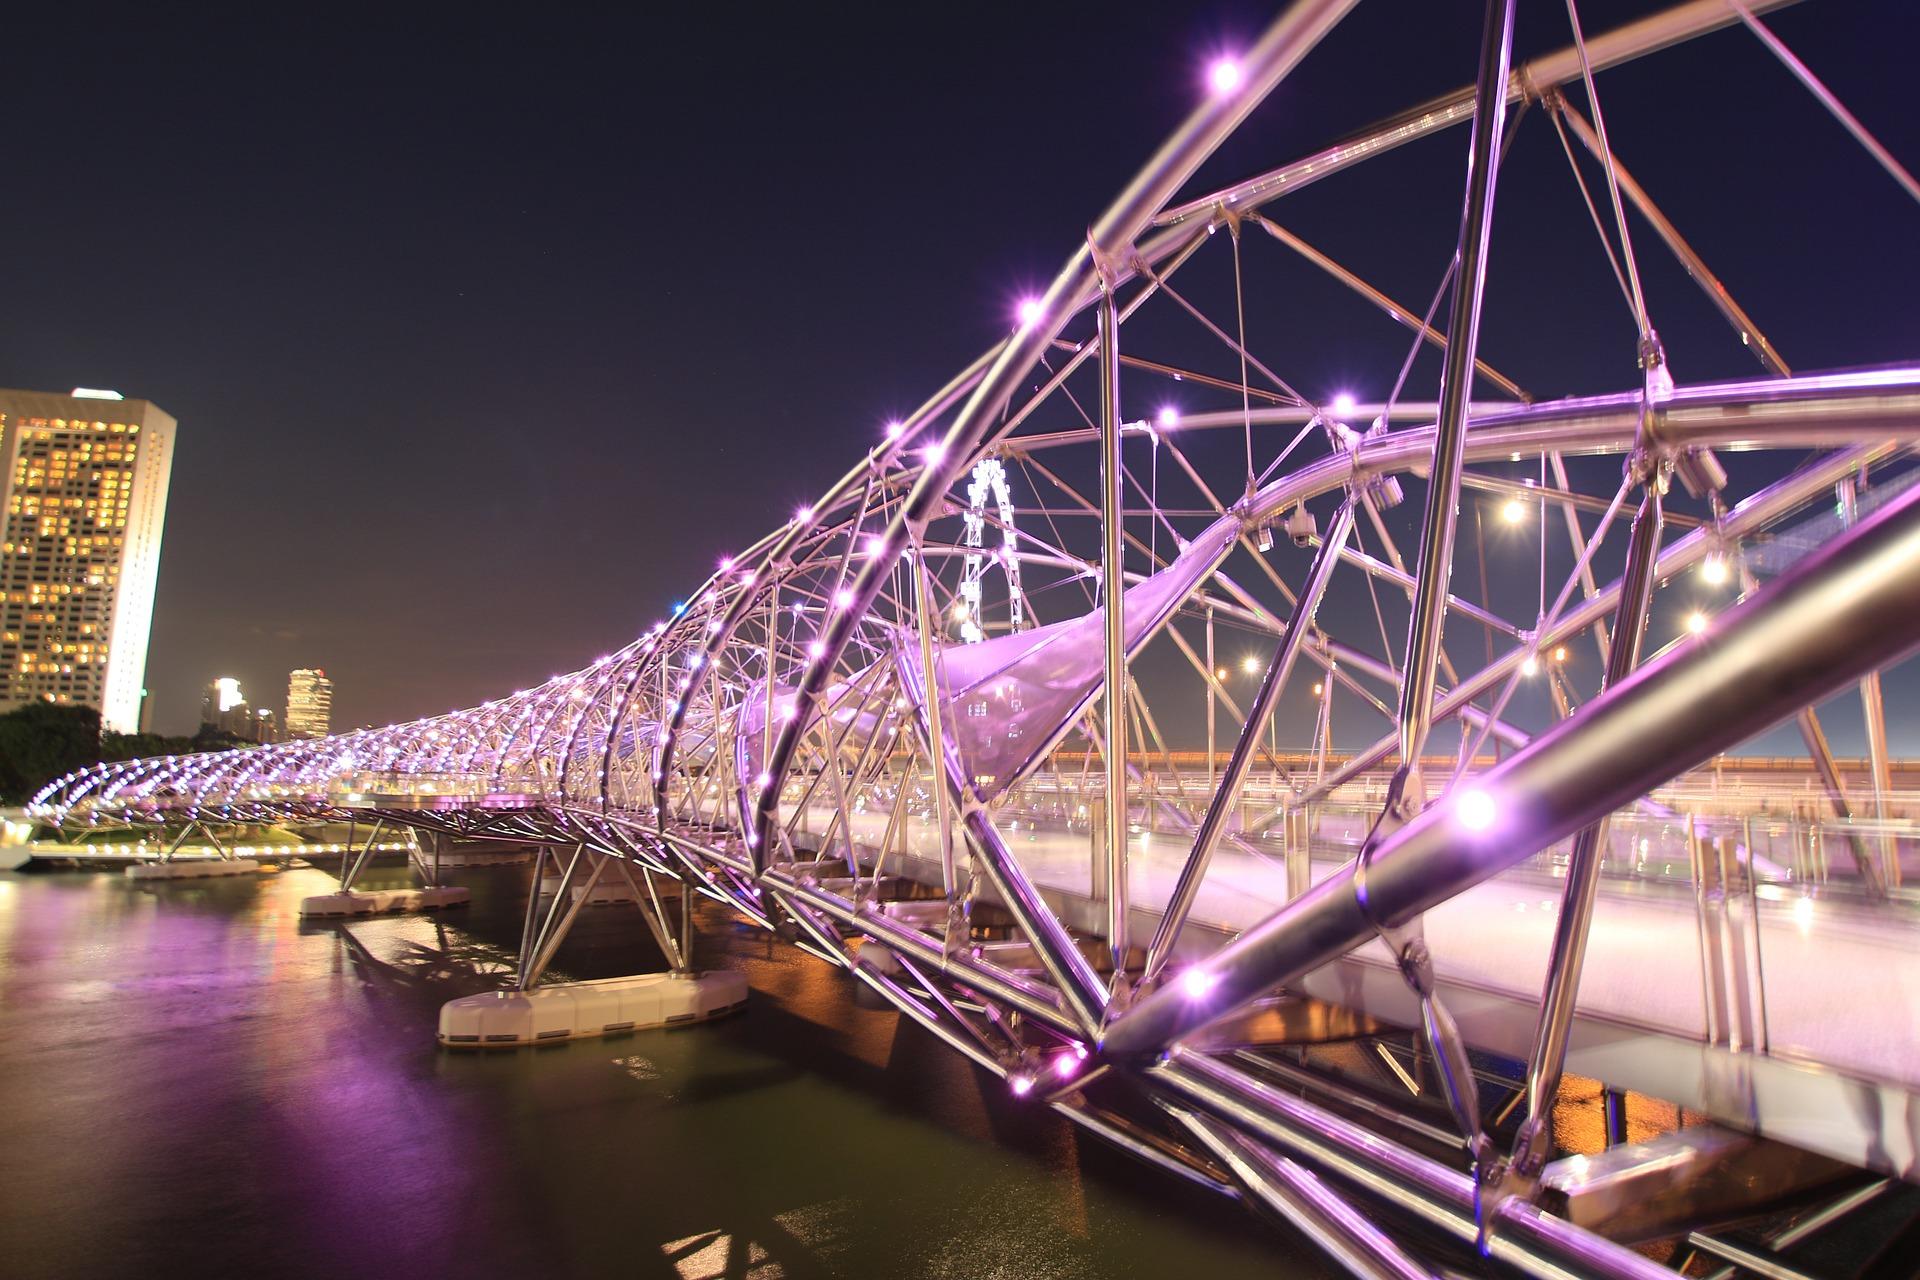 helixbridge-458854_1920